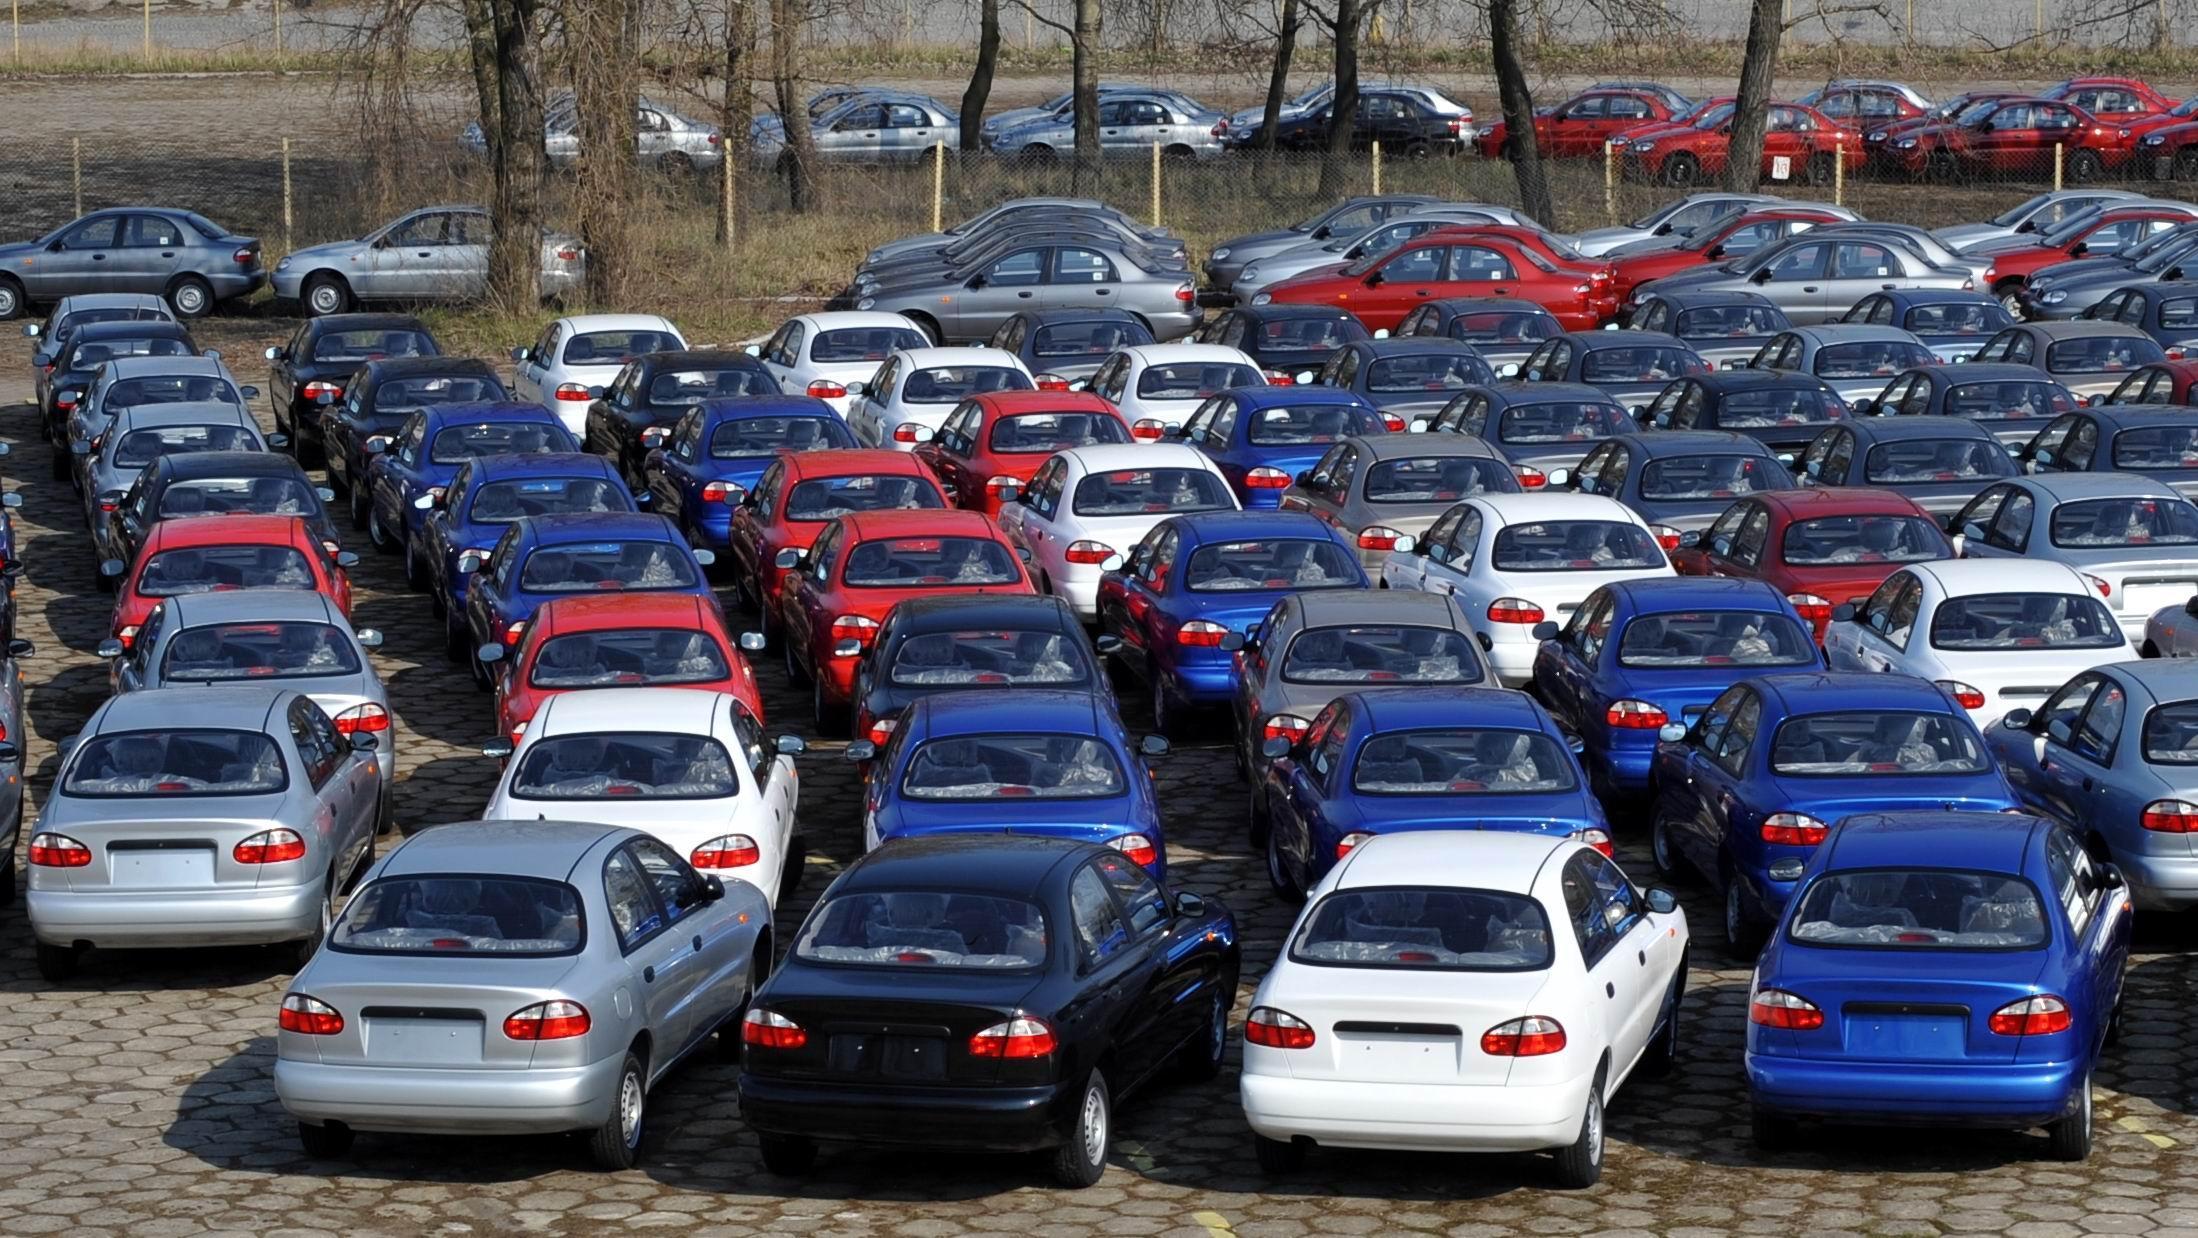 Составлен ТОП-10 городов-миллионников попродажам новых авто